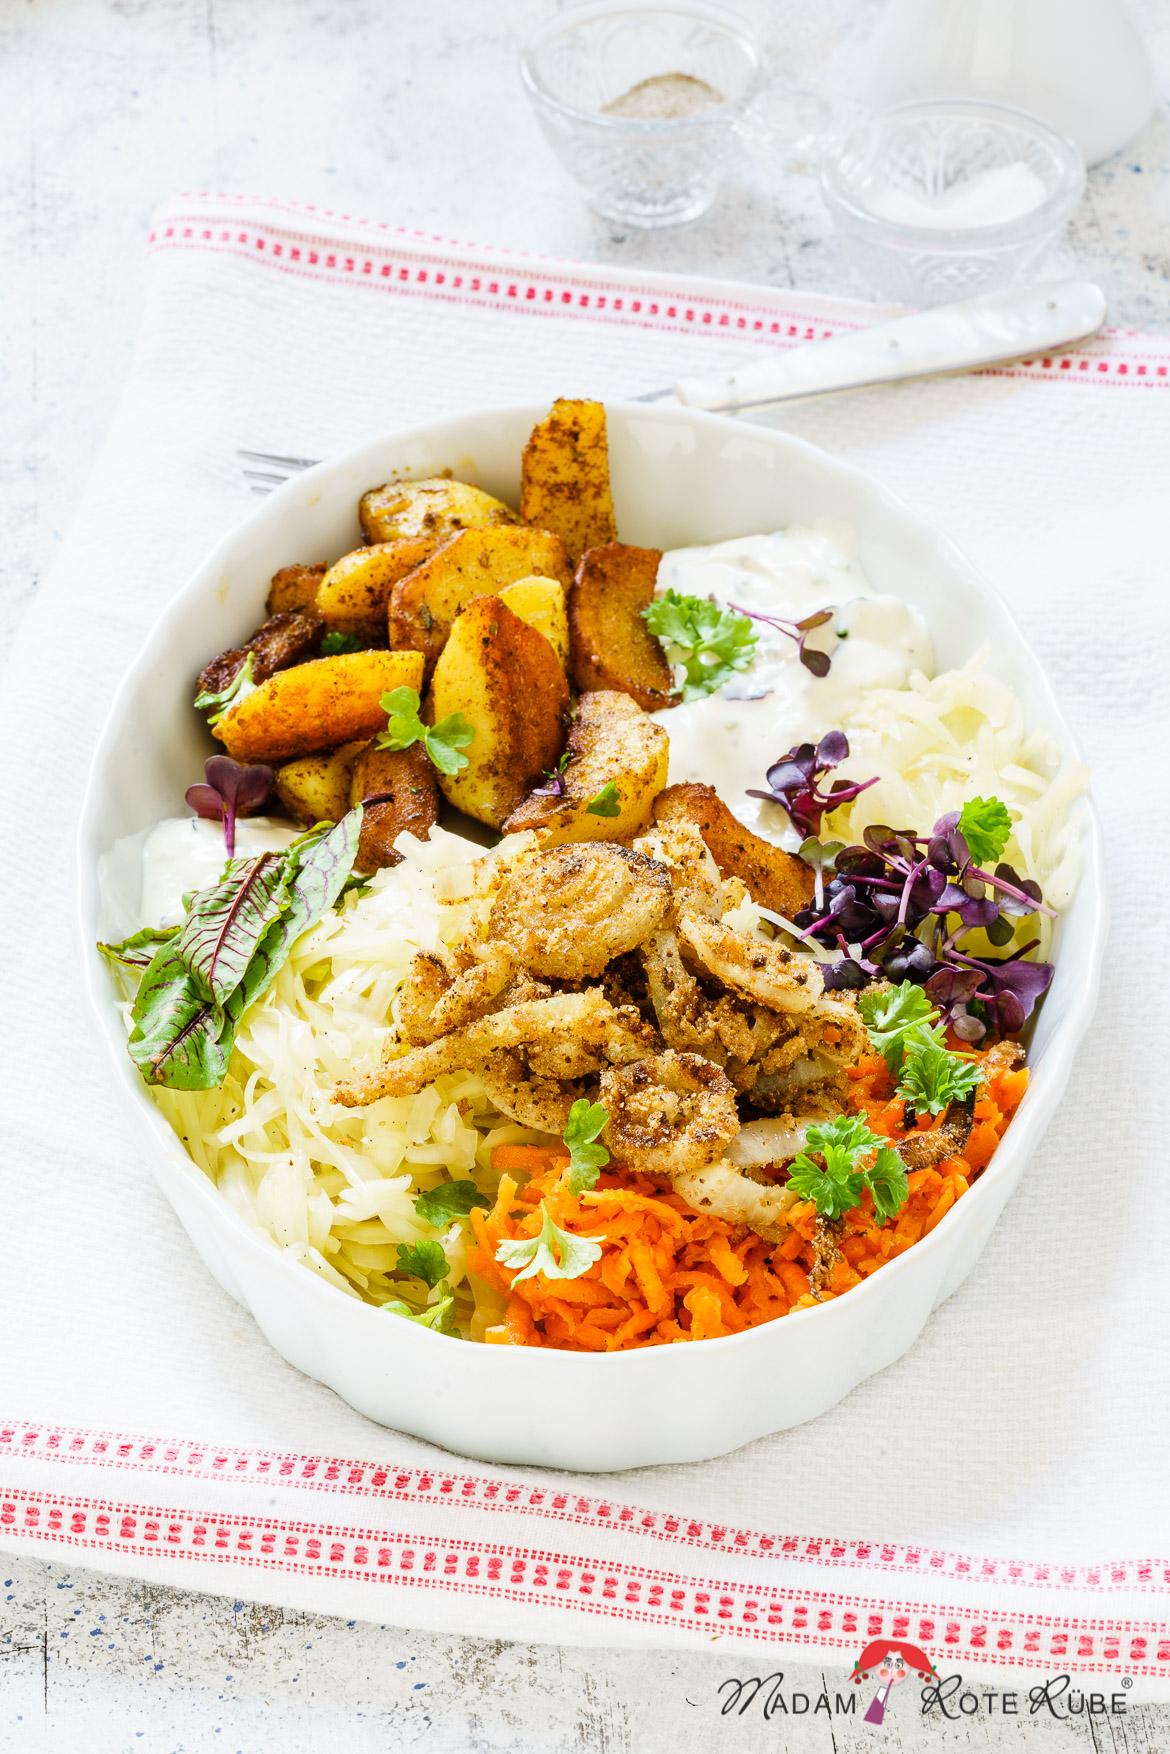 Madam Rote Rübe - Cajun-Kartoffelecken-Bowl mit Röstzwiebeln, mariniertem Weißkohl-Möhren-Salat und Dip